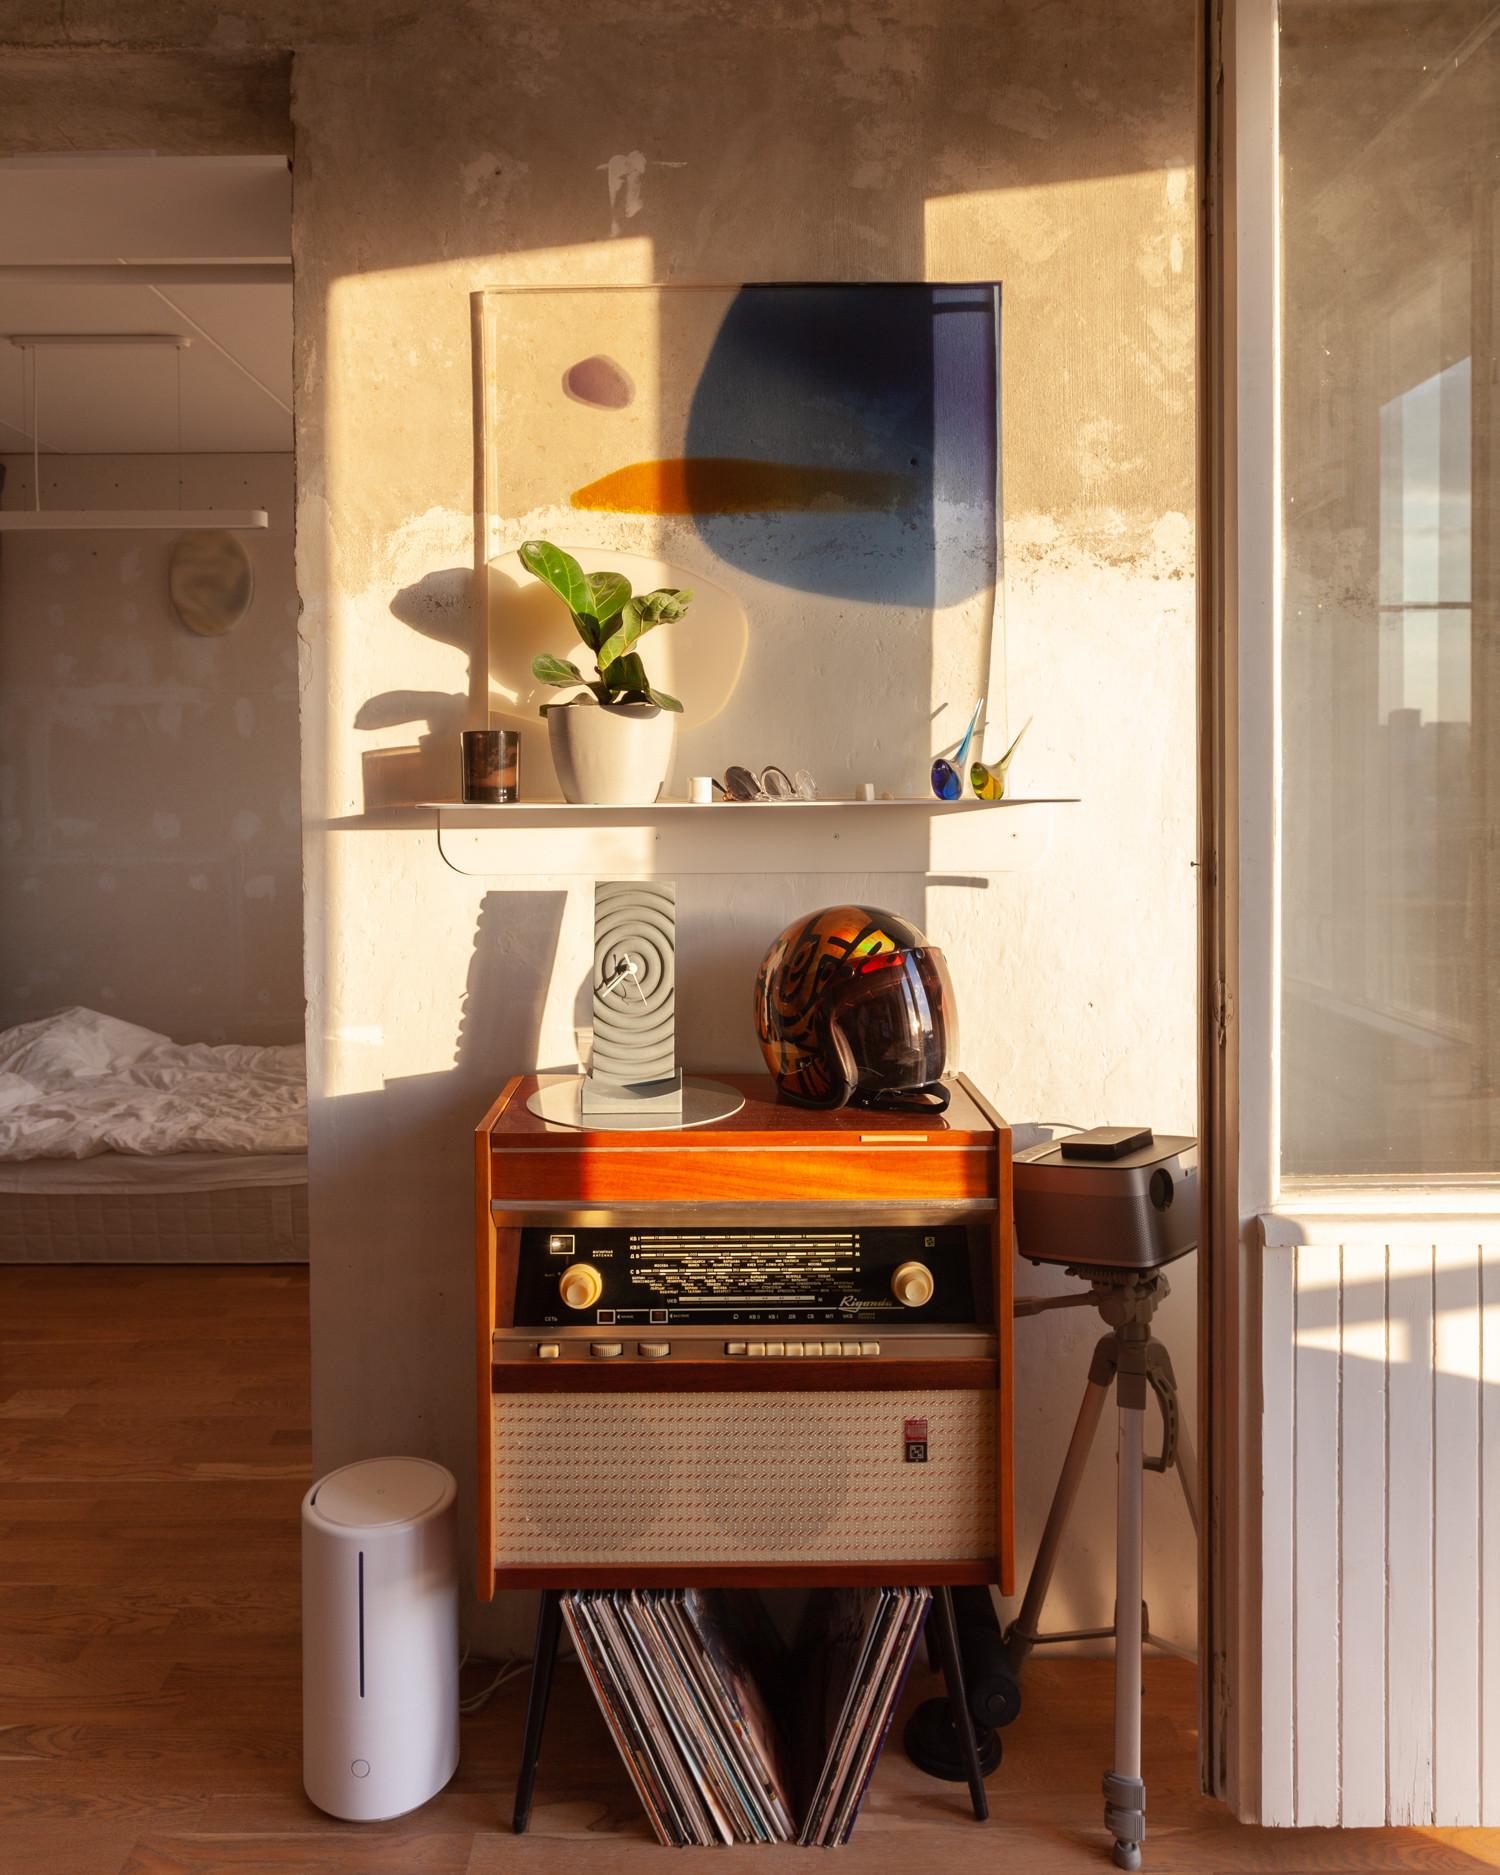 Радиола 'Ригонда' досталась от бабушки в рабочем состоянии. Часы, полка и растения куплены опять же через рекламу в инстаграме, а прозрачную картину сделала на заказ в цветах моей квартиры архитектор и художник Алиса Спотс.